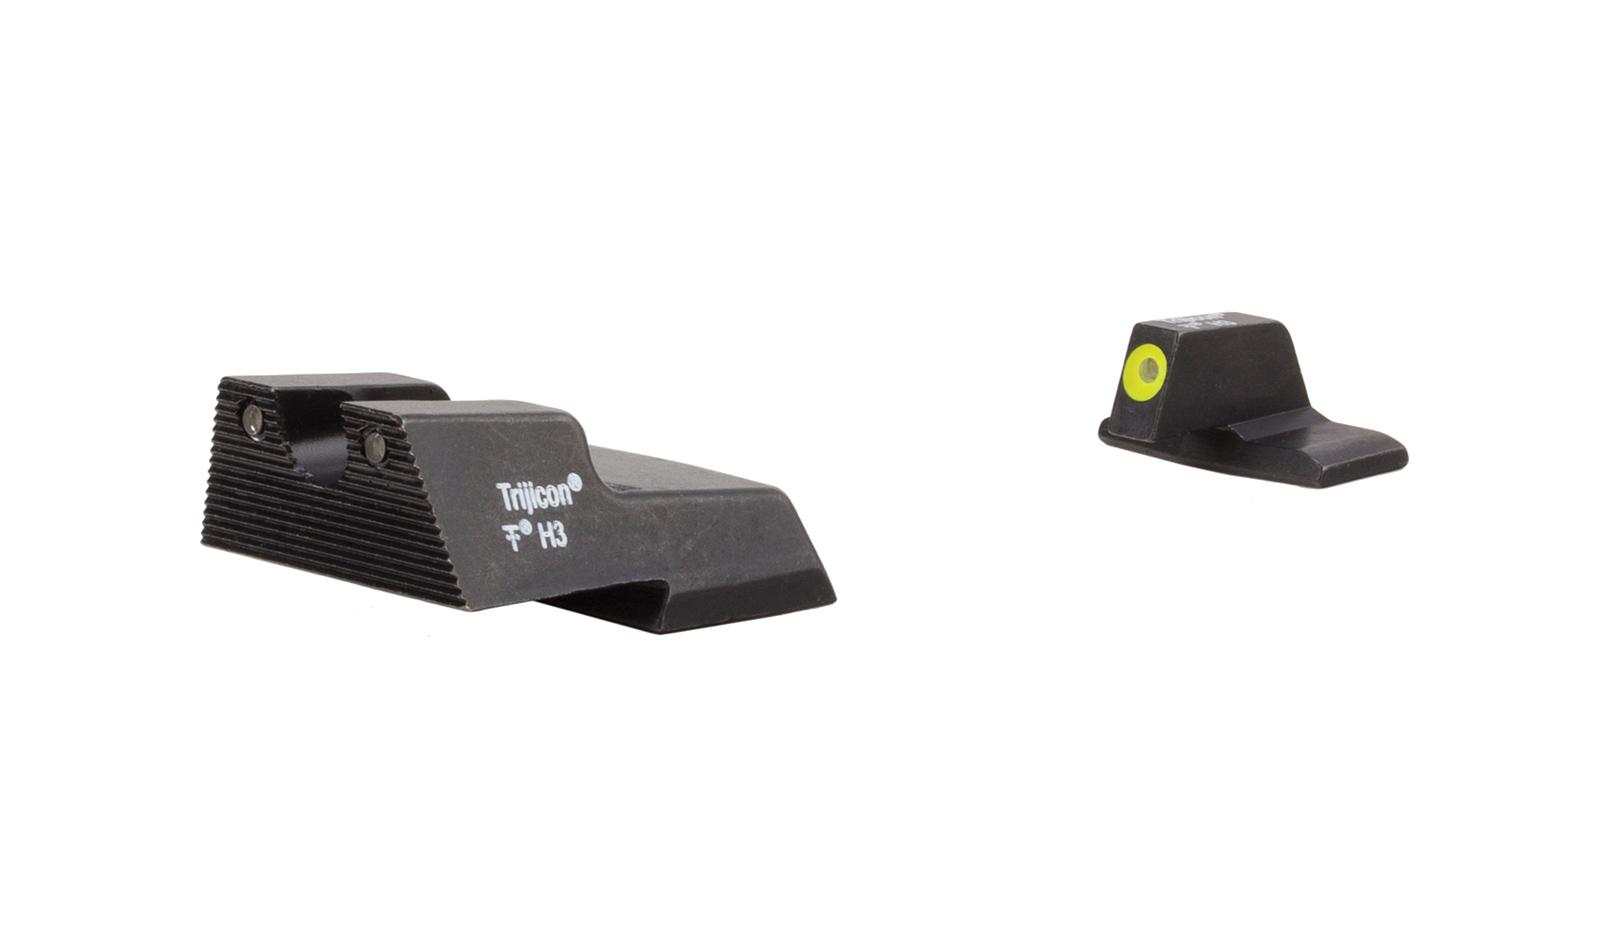 HK610-C-600895 angle 1